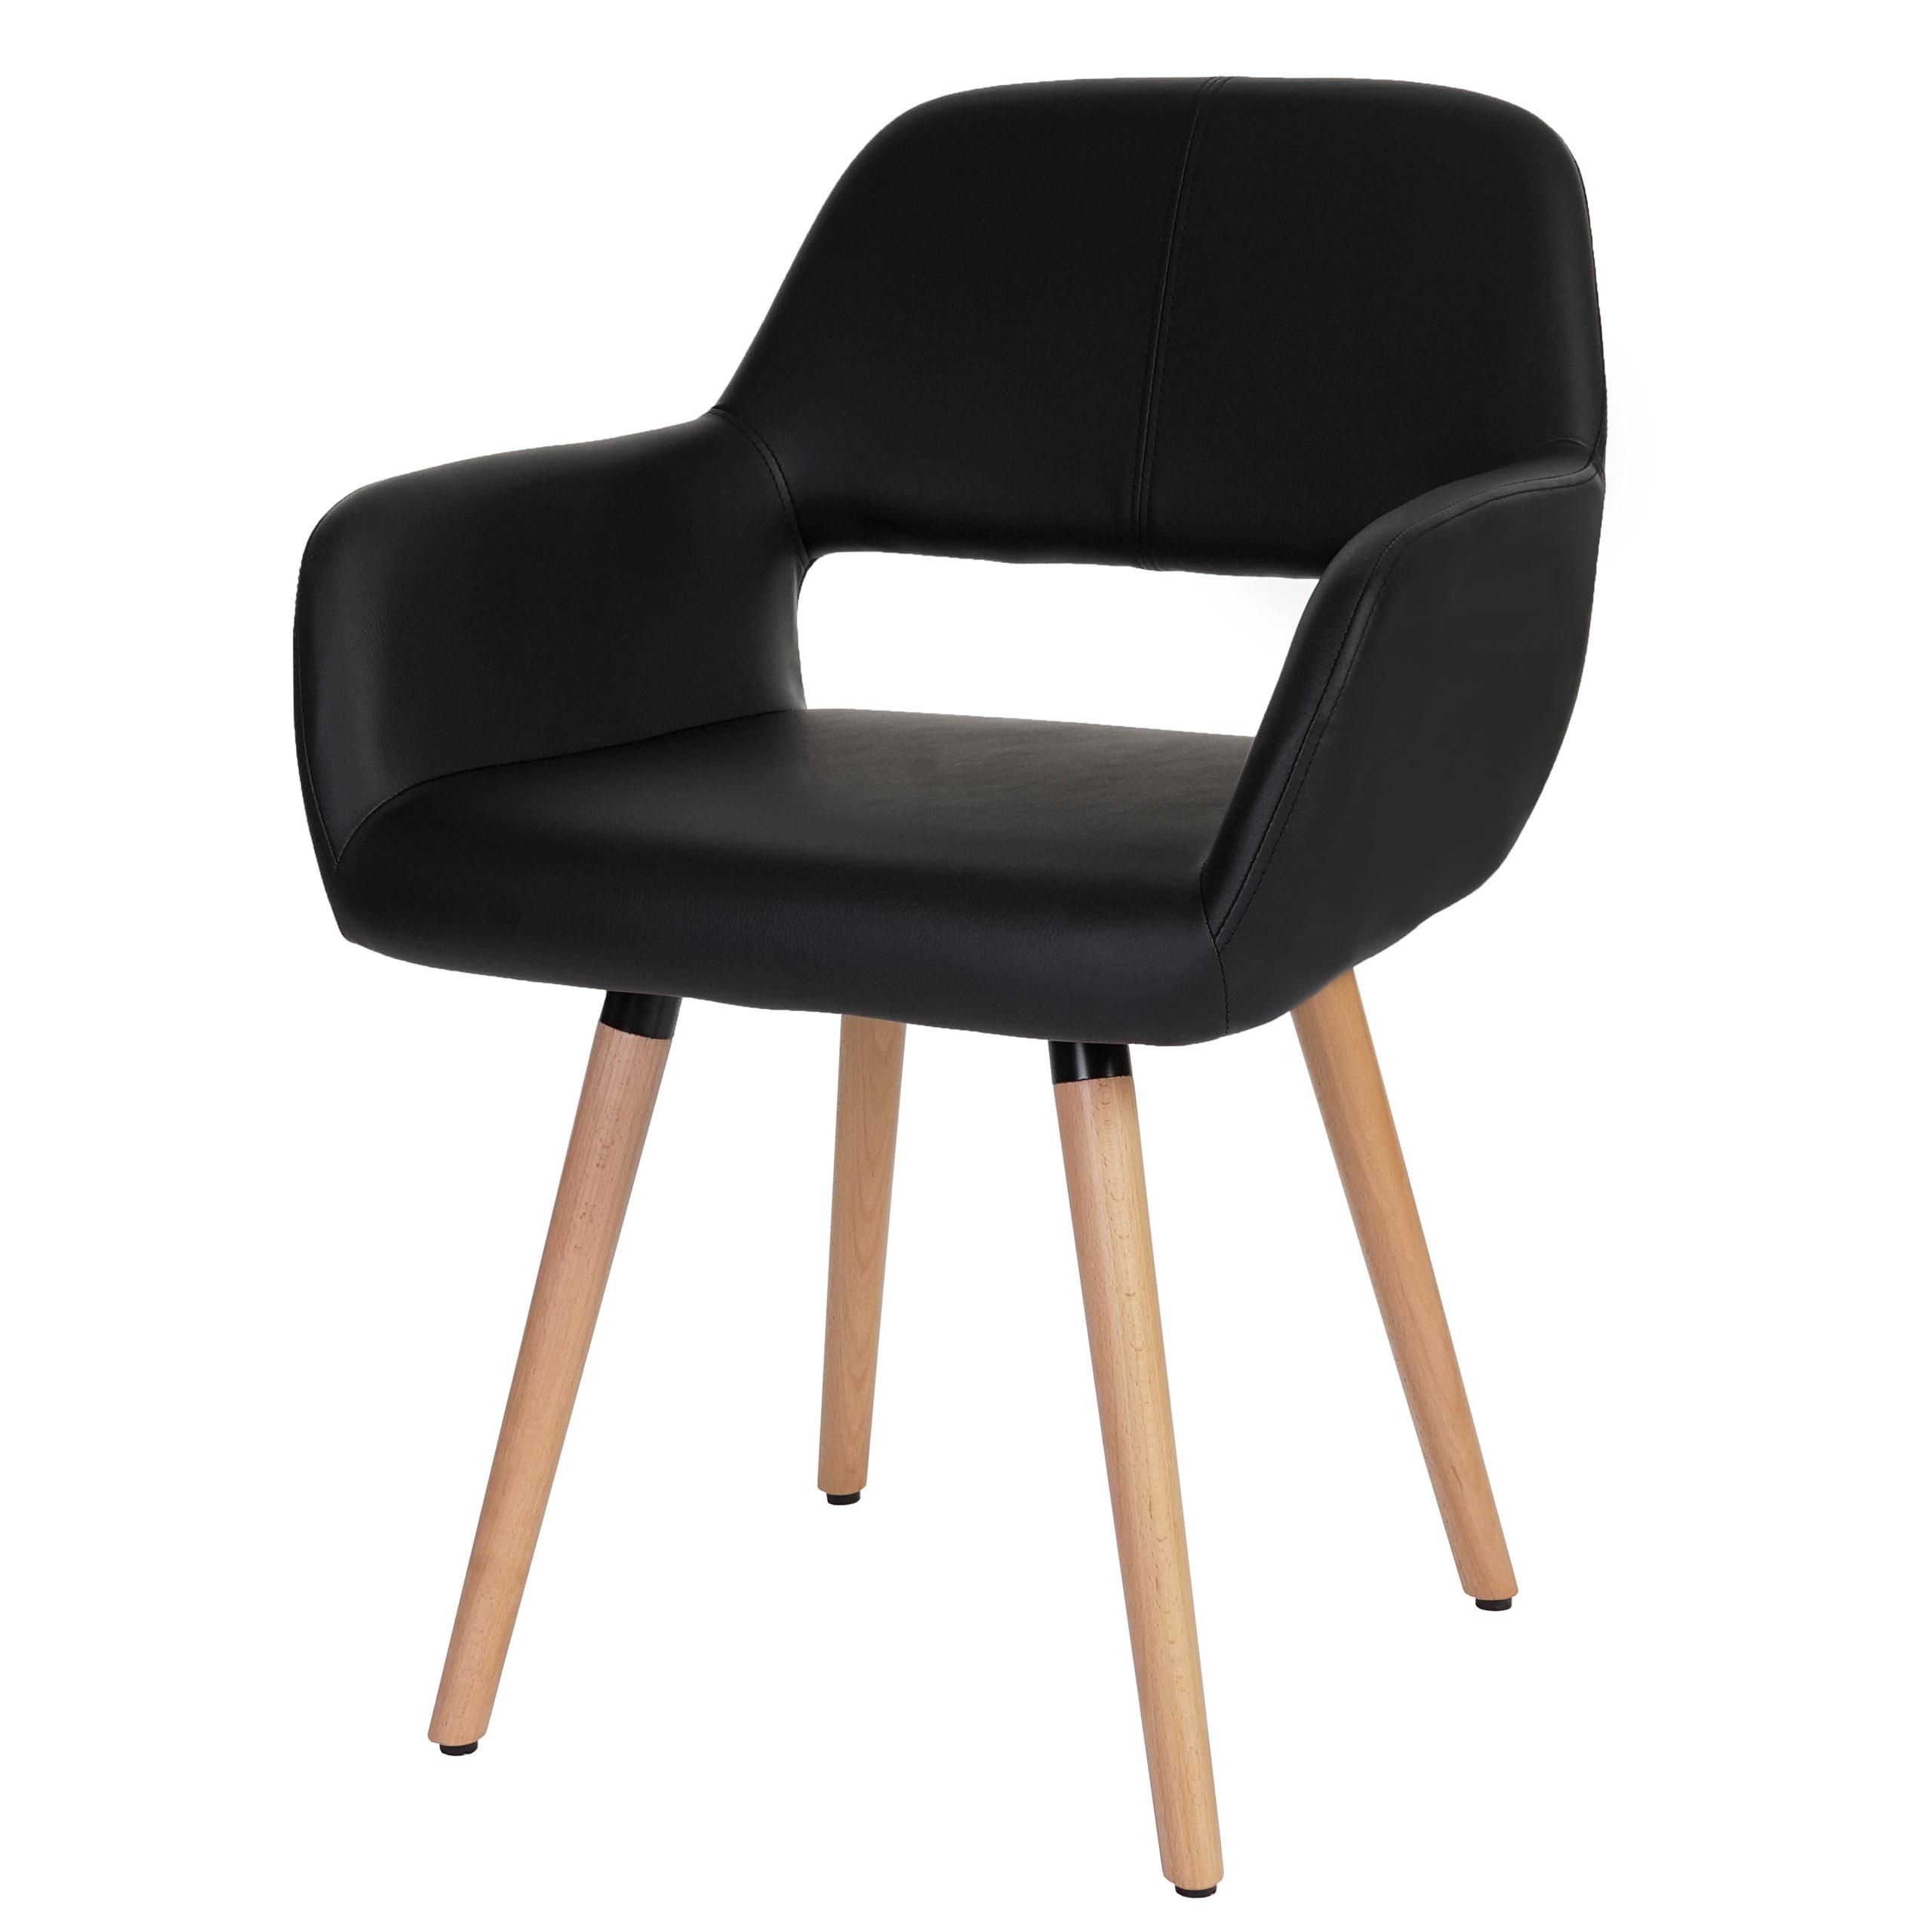 esszimmerstuhl dohna ii stuhl lehnstuhl retro design kunstleder schwarz. Black Bedroom Furniture Sets. Home Design Ideas